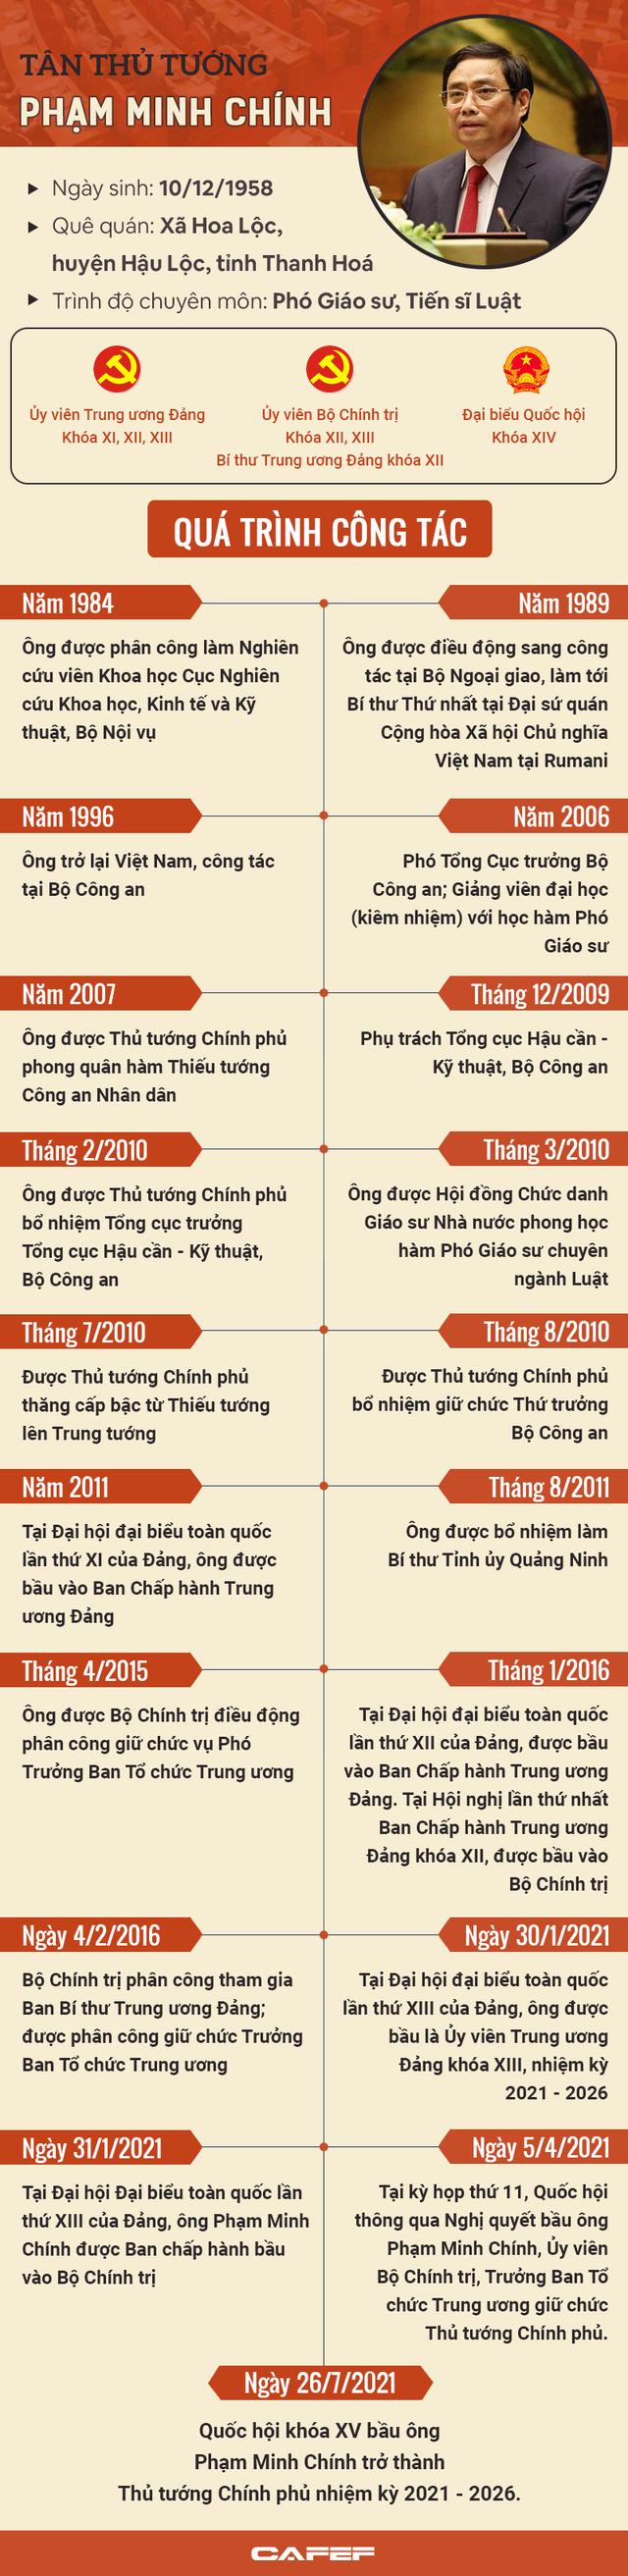 6 trọng tâm của Chính phủ trong phát biểu nhậm chức của Thủ tướng Phạm Minh Chính - Ảnh 4.